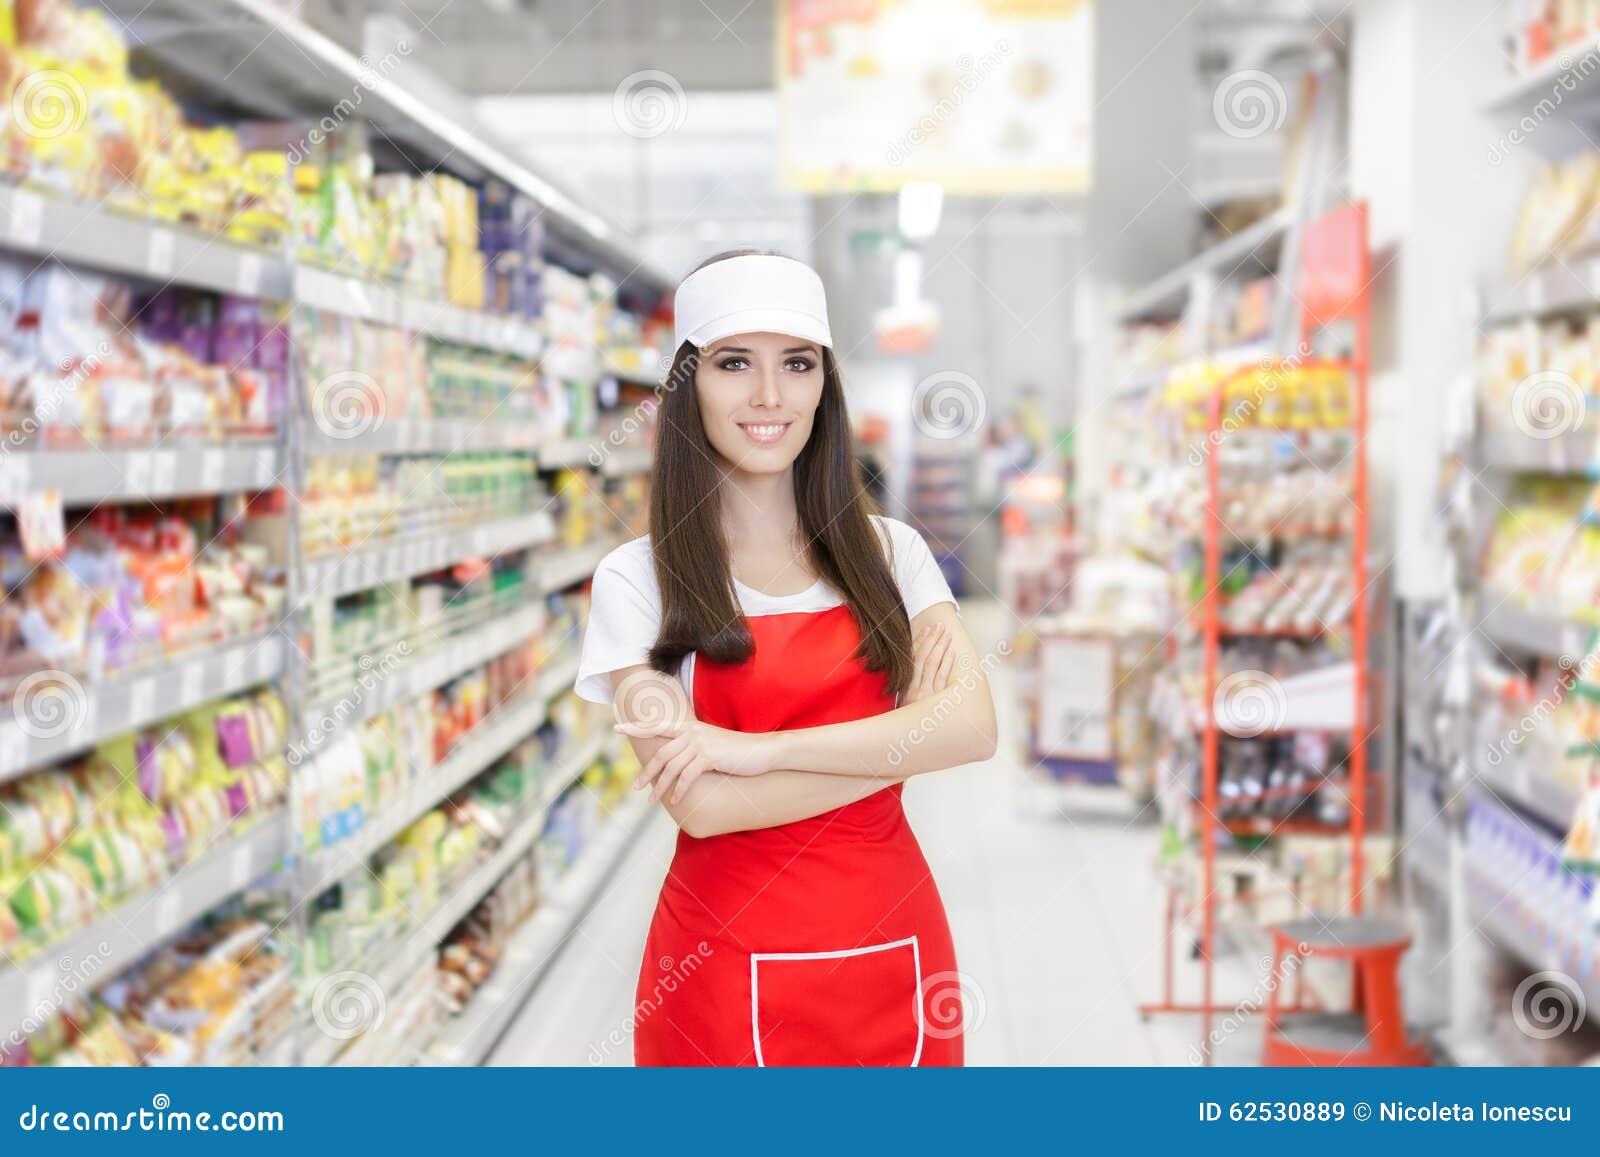 站立在架子中的微笑的超级市场雇员